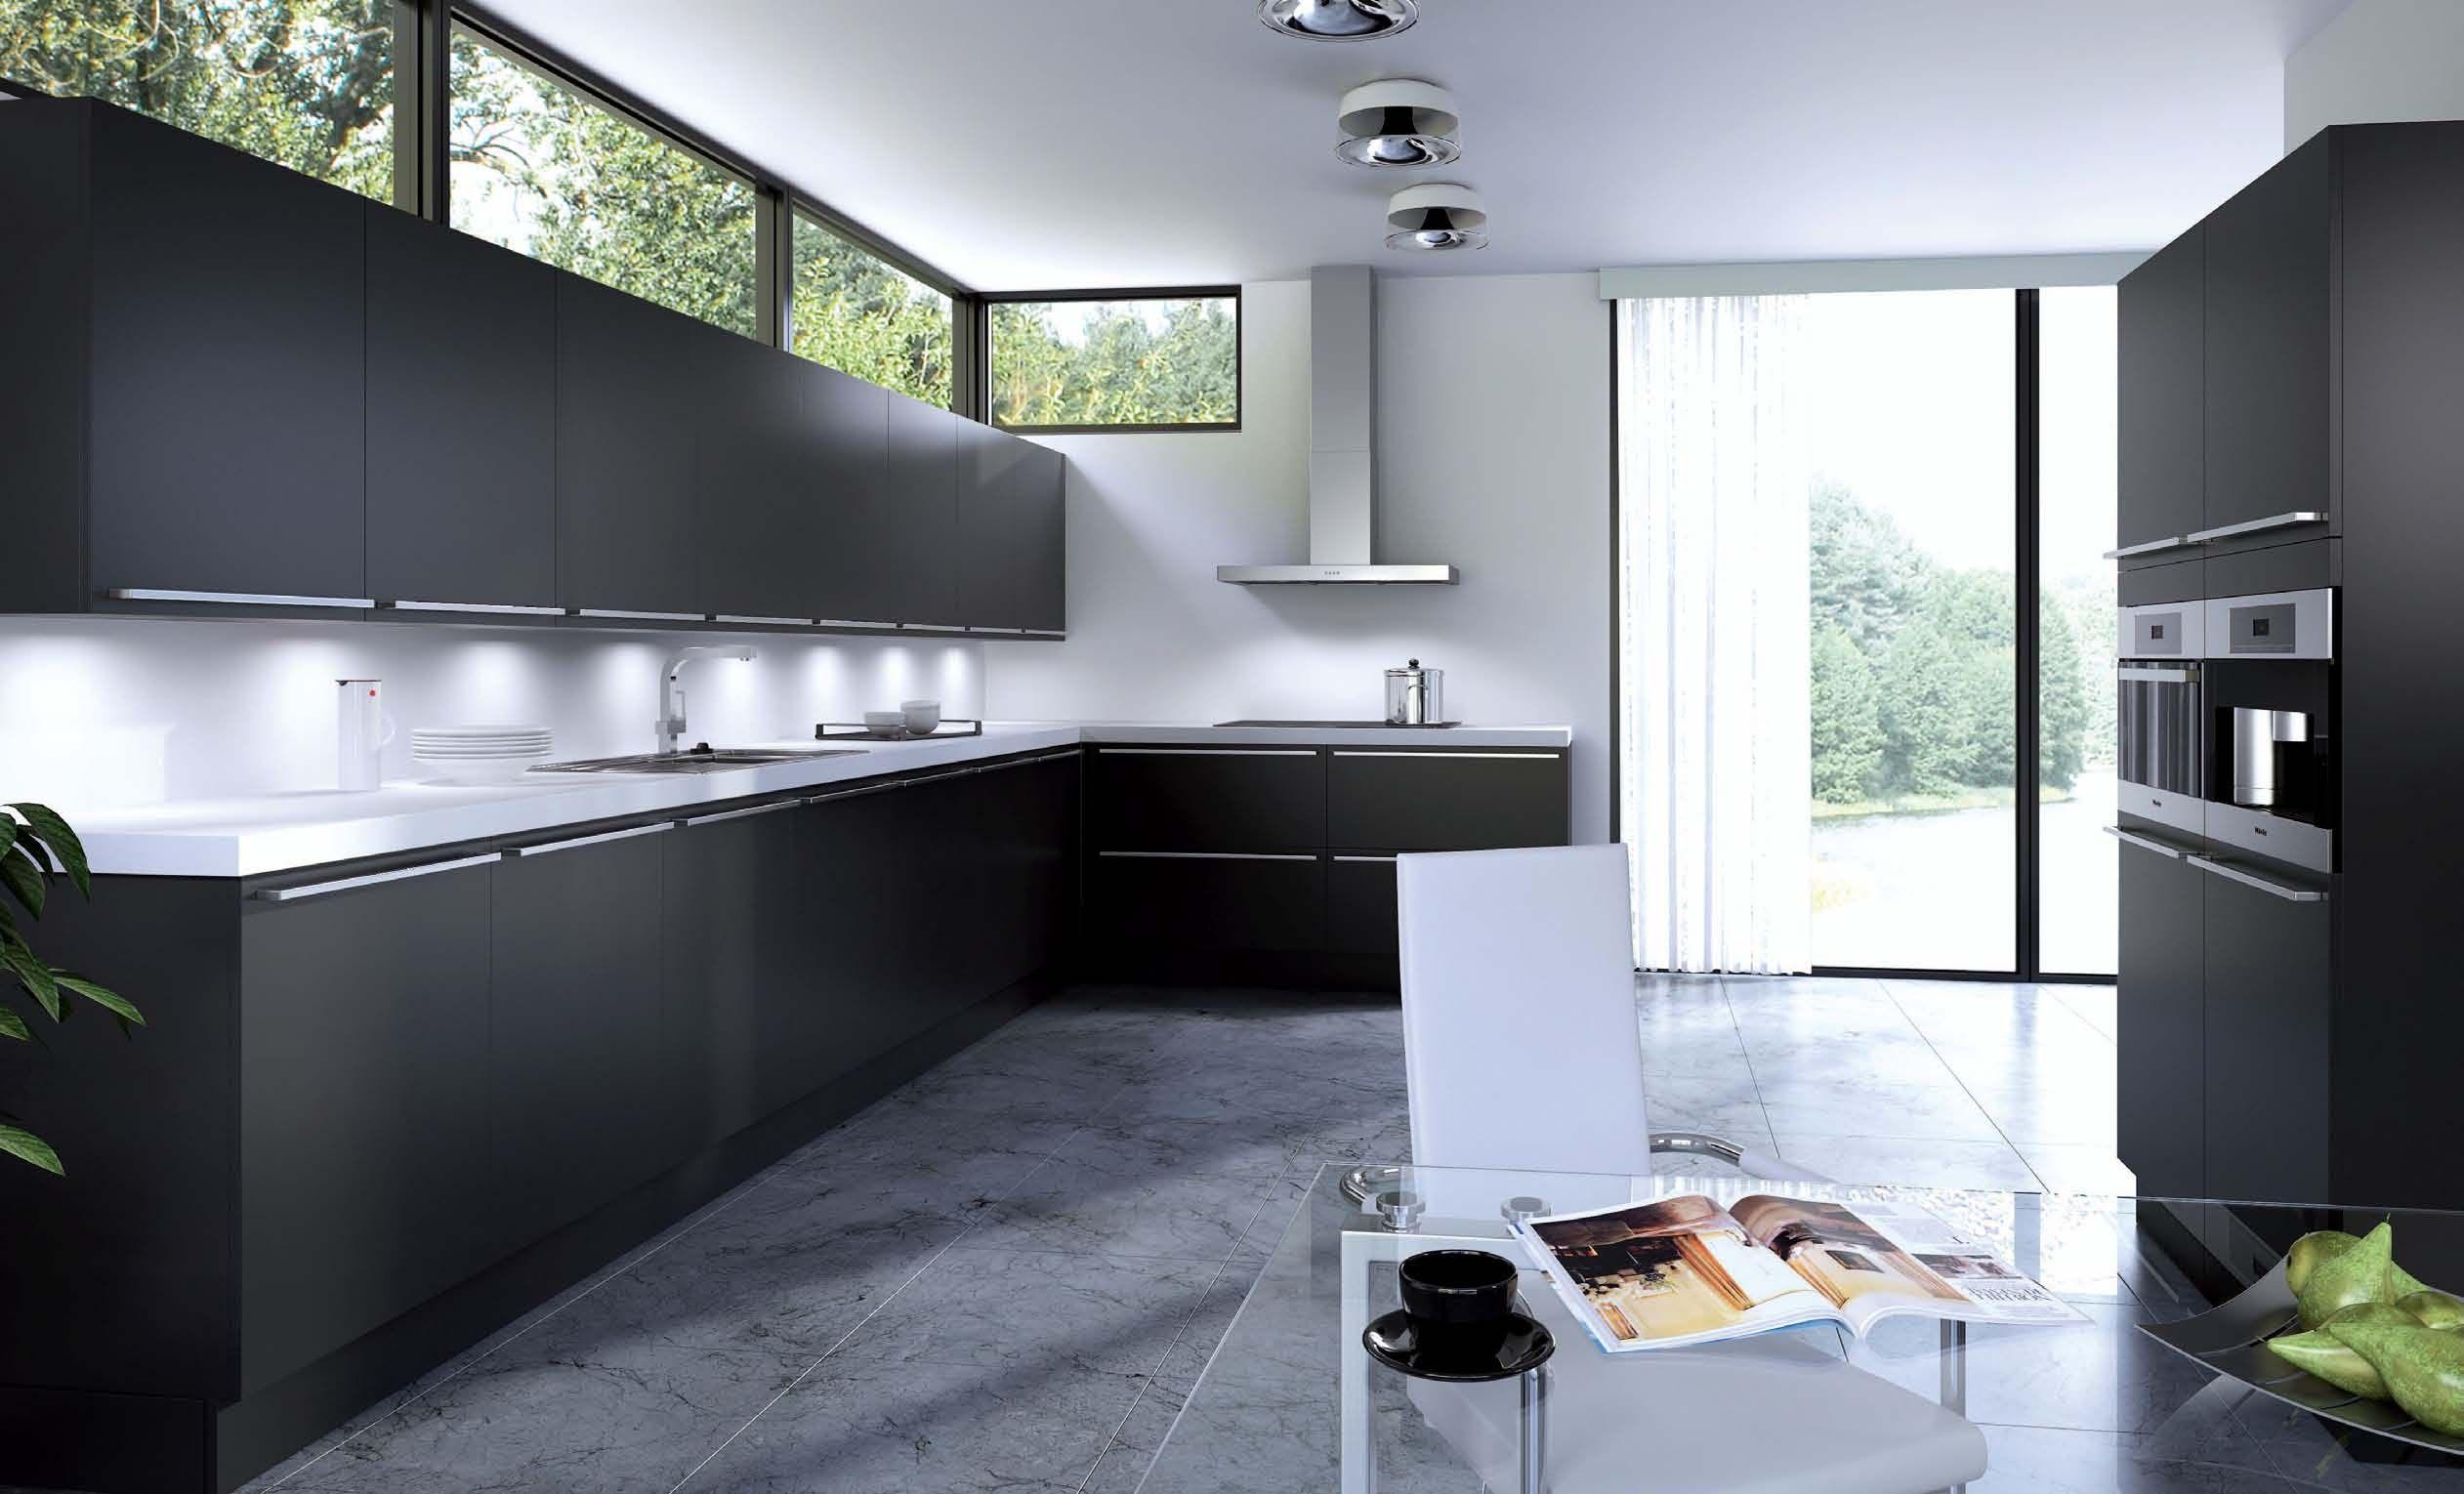 Rotpunkt Küchen interiør interior kjøkken kitchen inspirasjon inspo kuechen